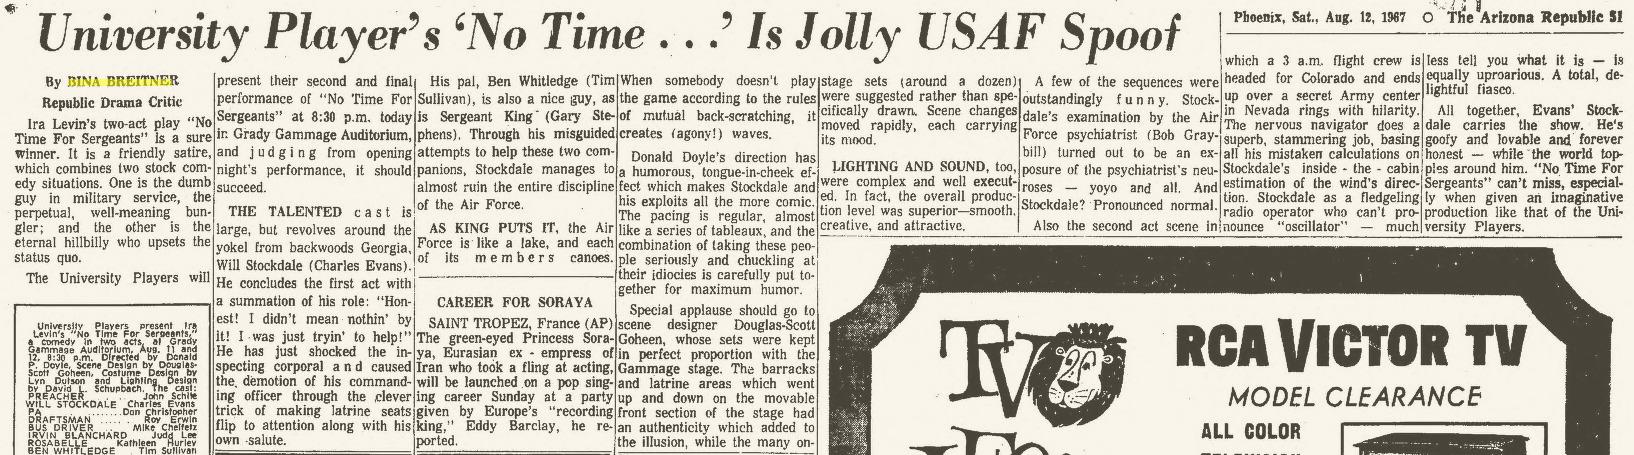 asu theatre, August 12, 1967 1